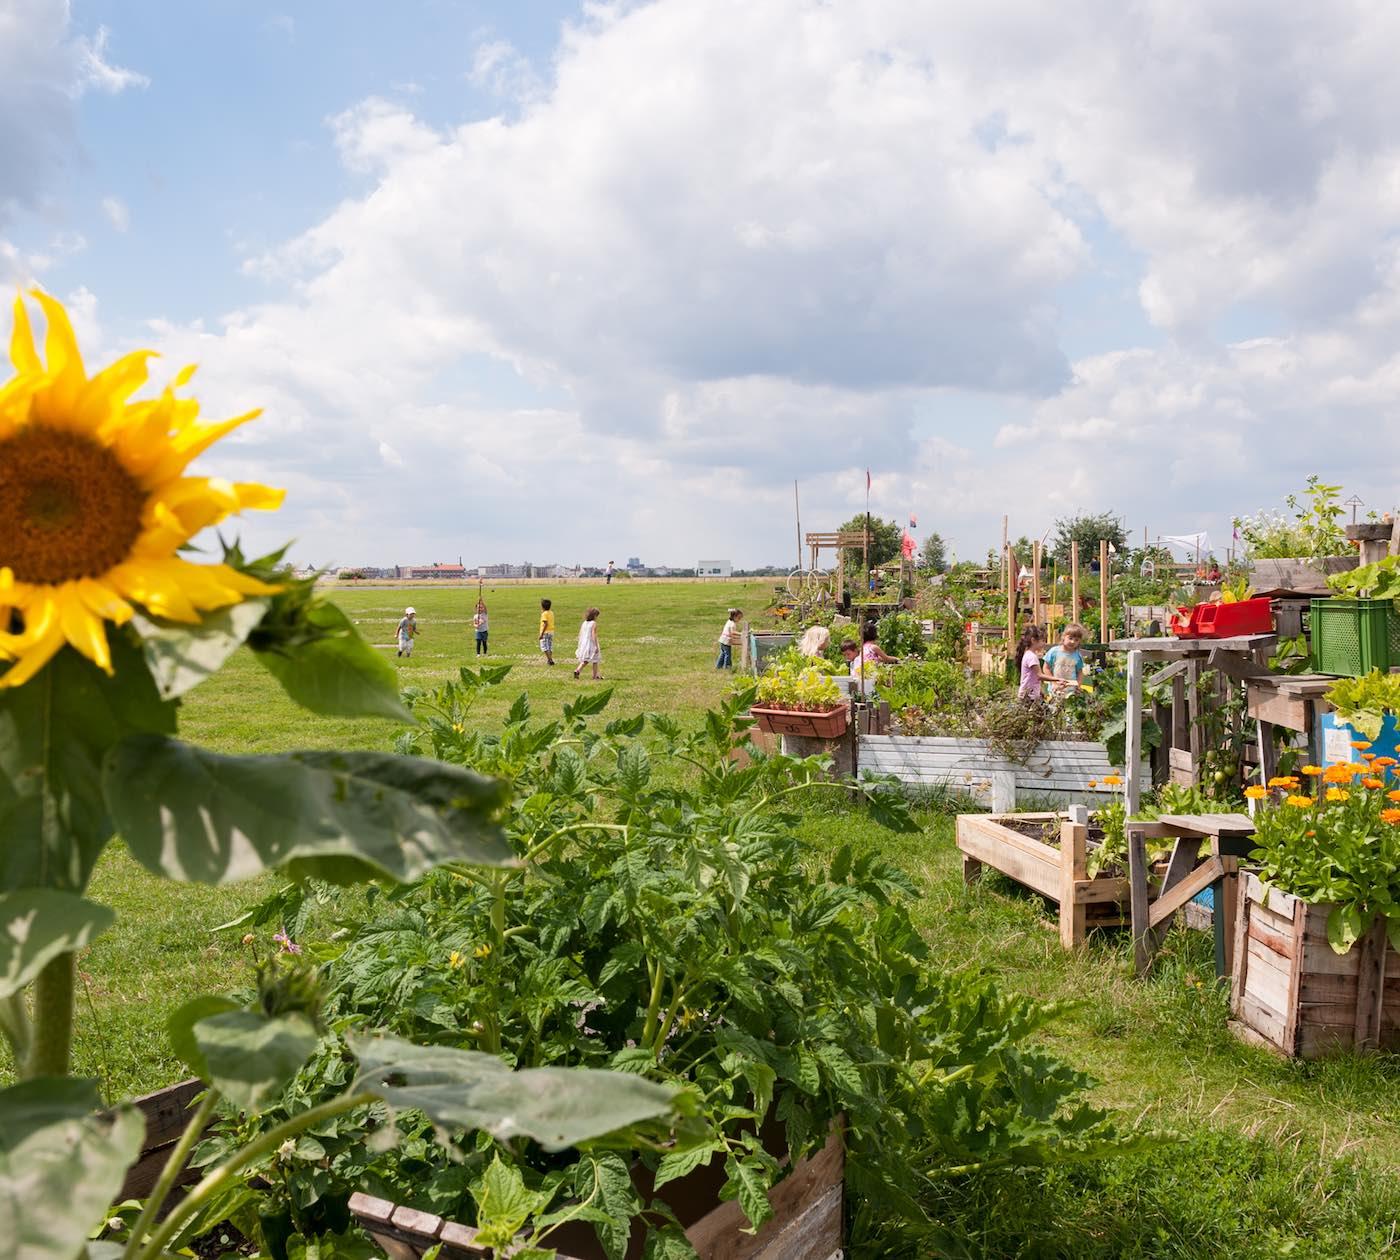 Gemeinschaftsgarten auf dem Tempelhofer Feld | berlinmitkind.de